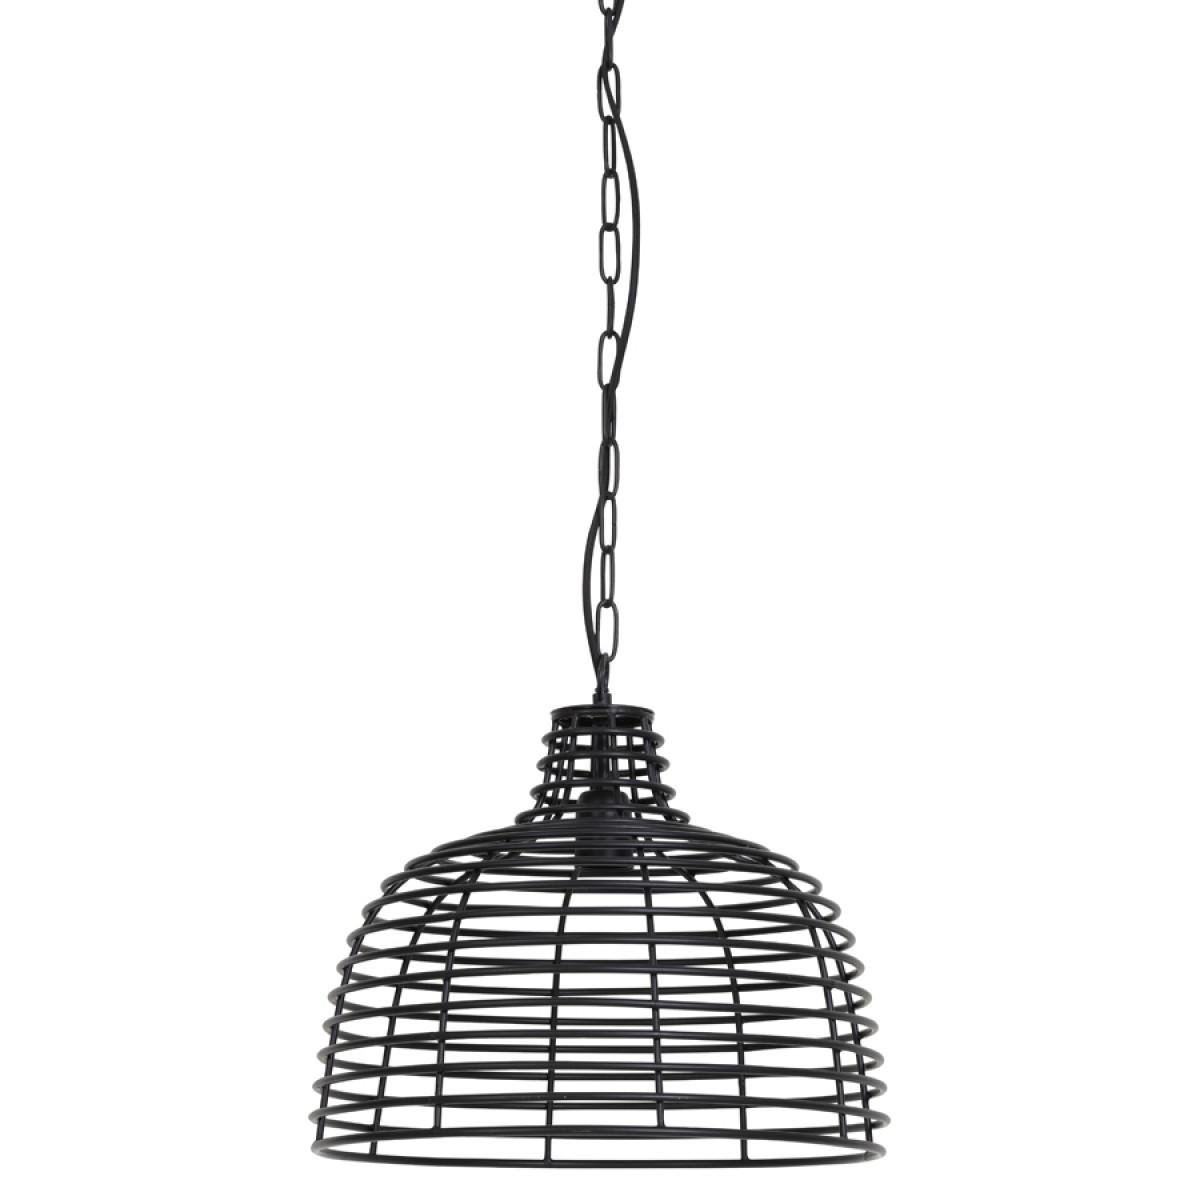 Hanglamp Joy metaal mat zwart